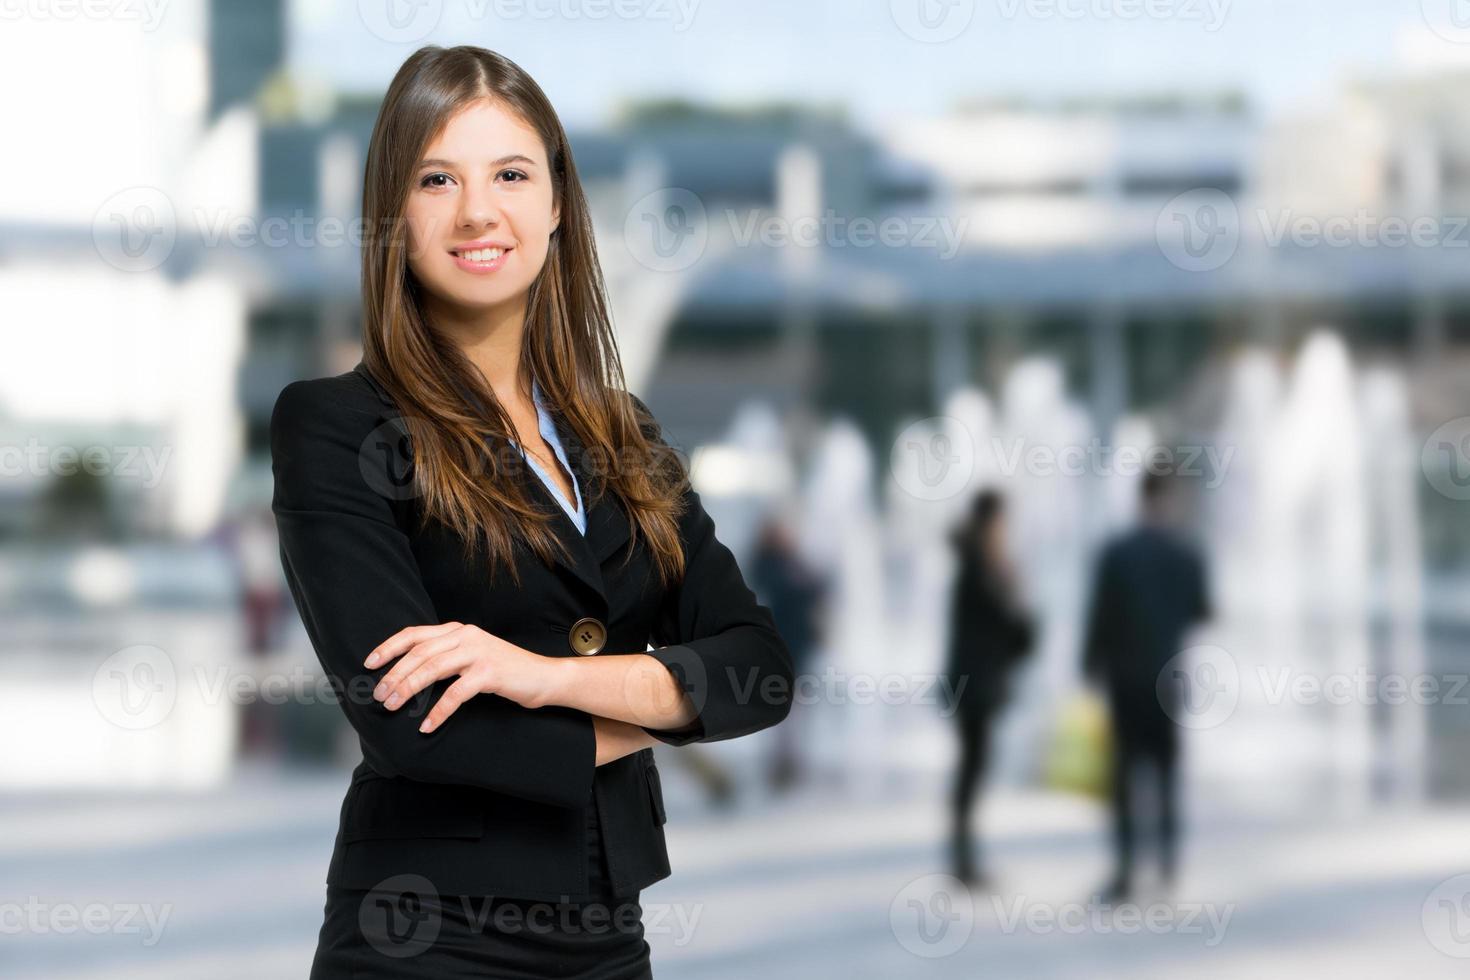 gerente mulher sorridente foto